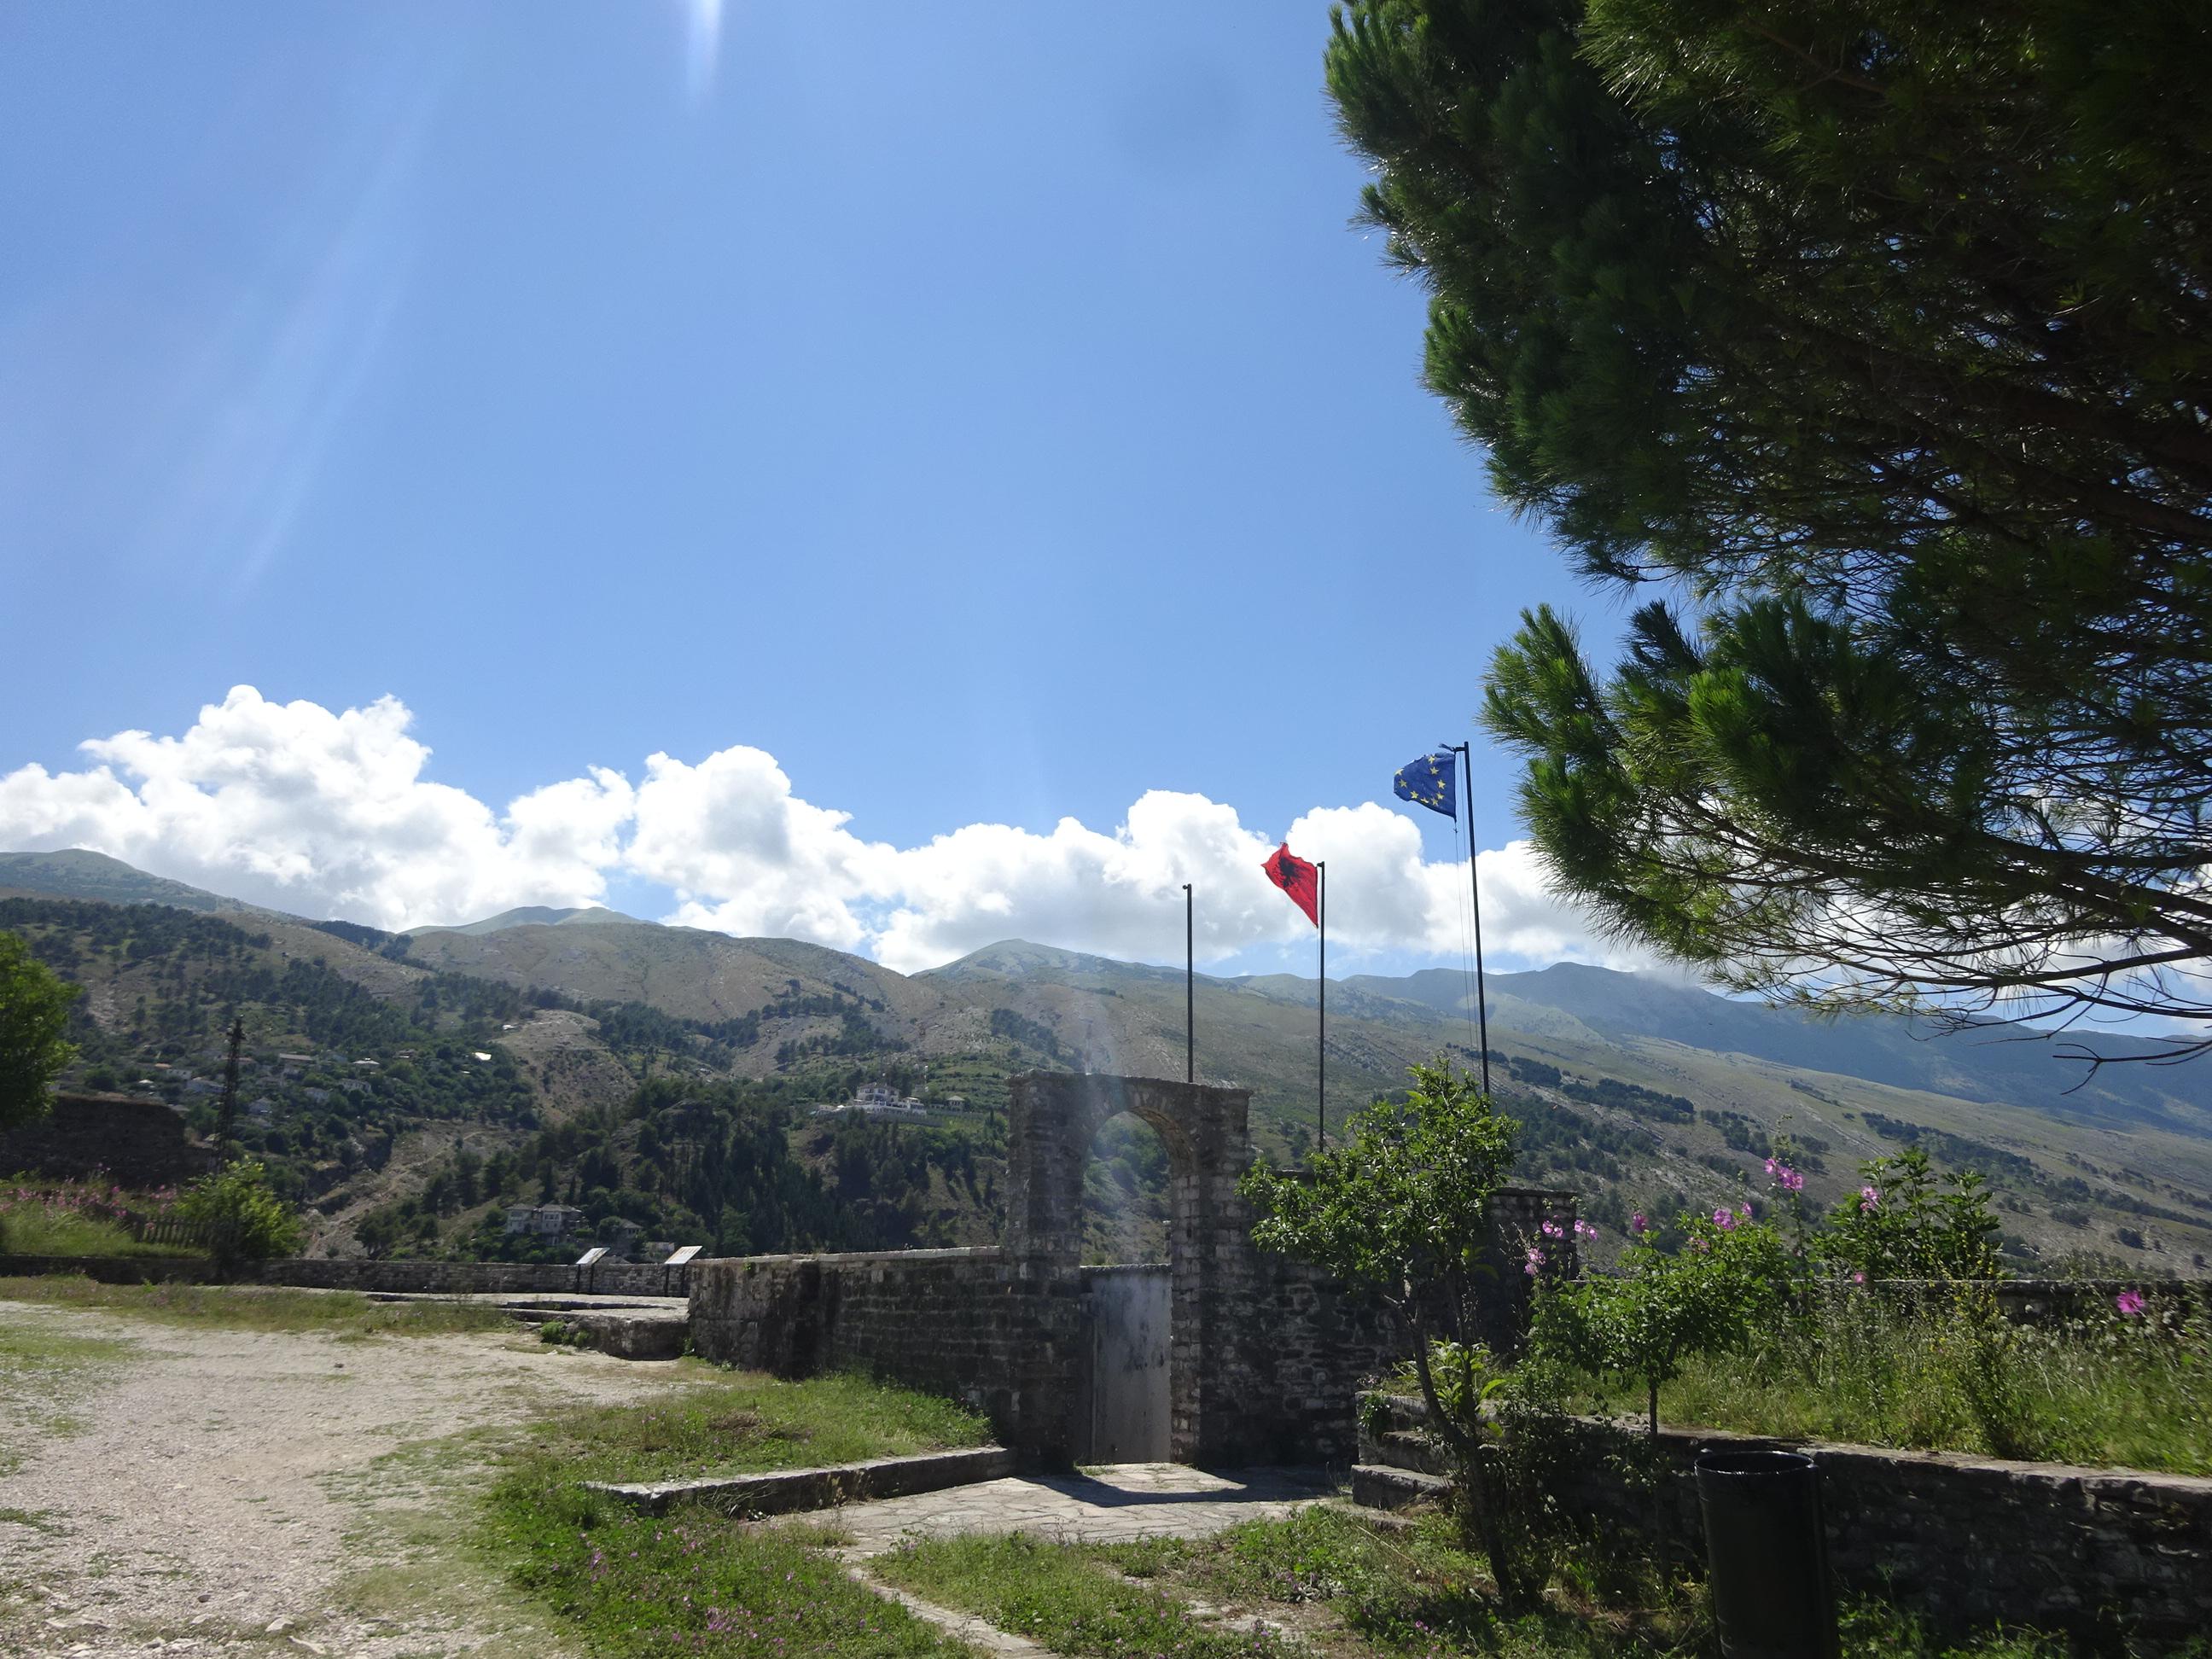 アルバニアの観光「ジロカストラ城」は太陽の光が降り注ぐ